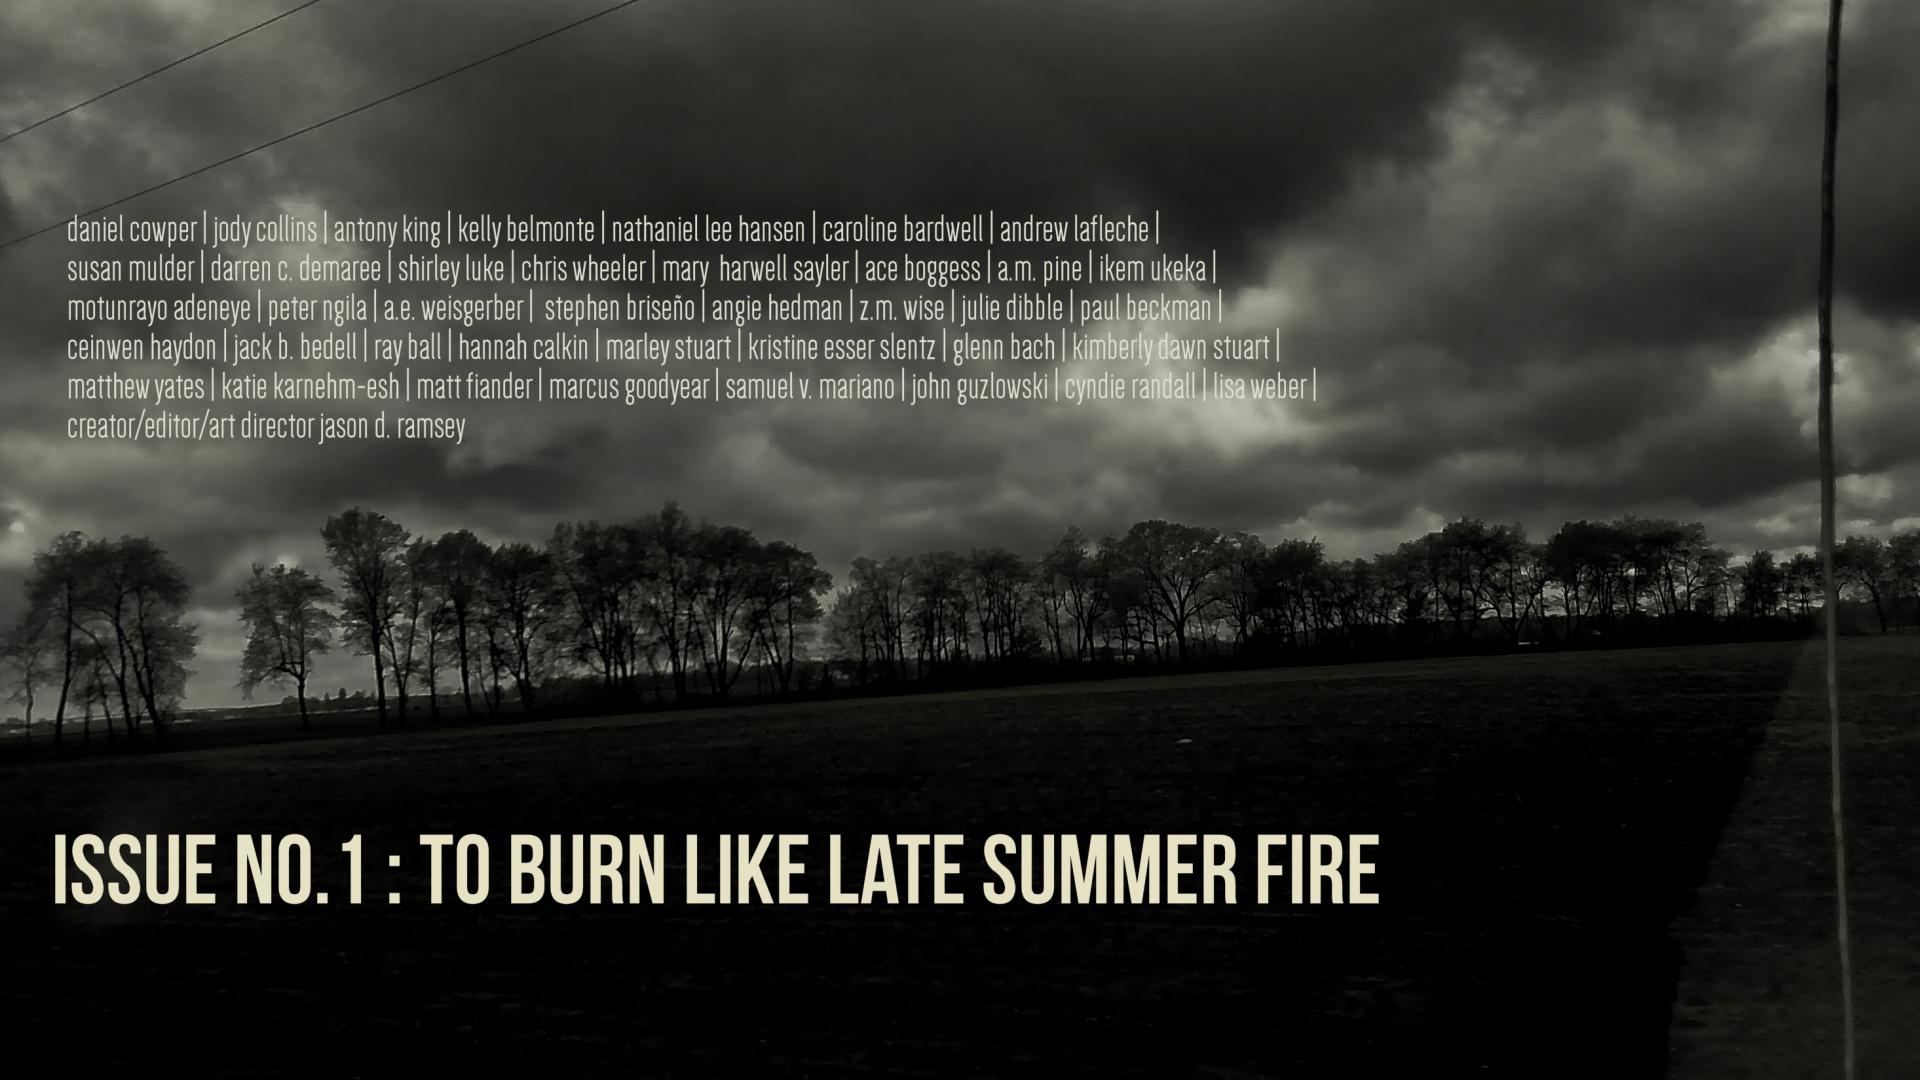 toburnlikelatesummerfirecover